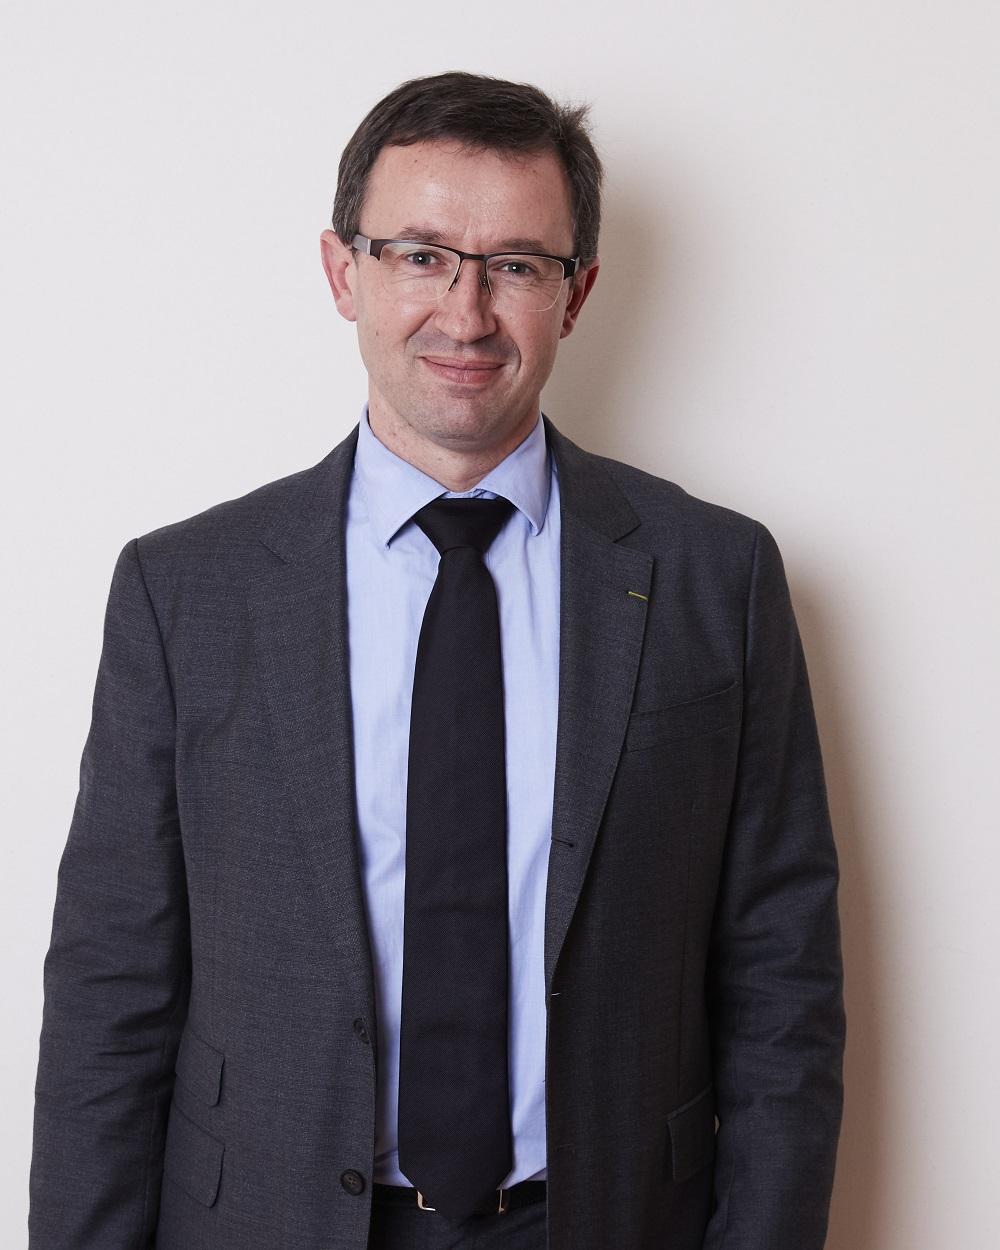 Jean - Marie Fabre